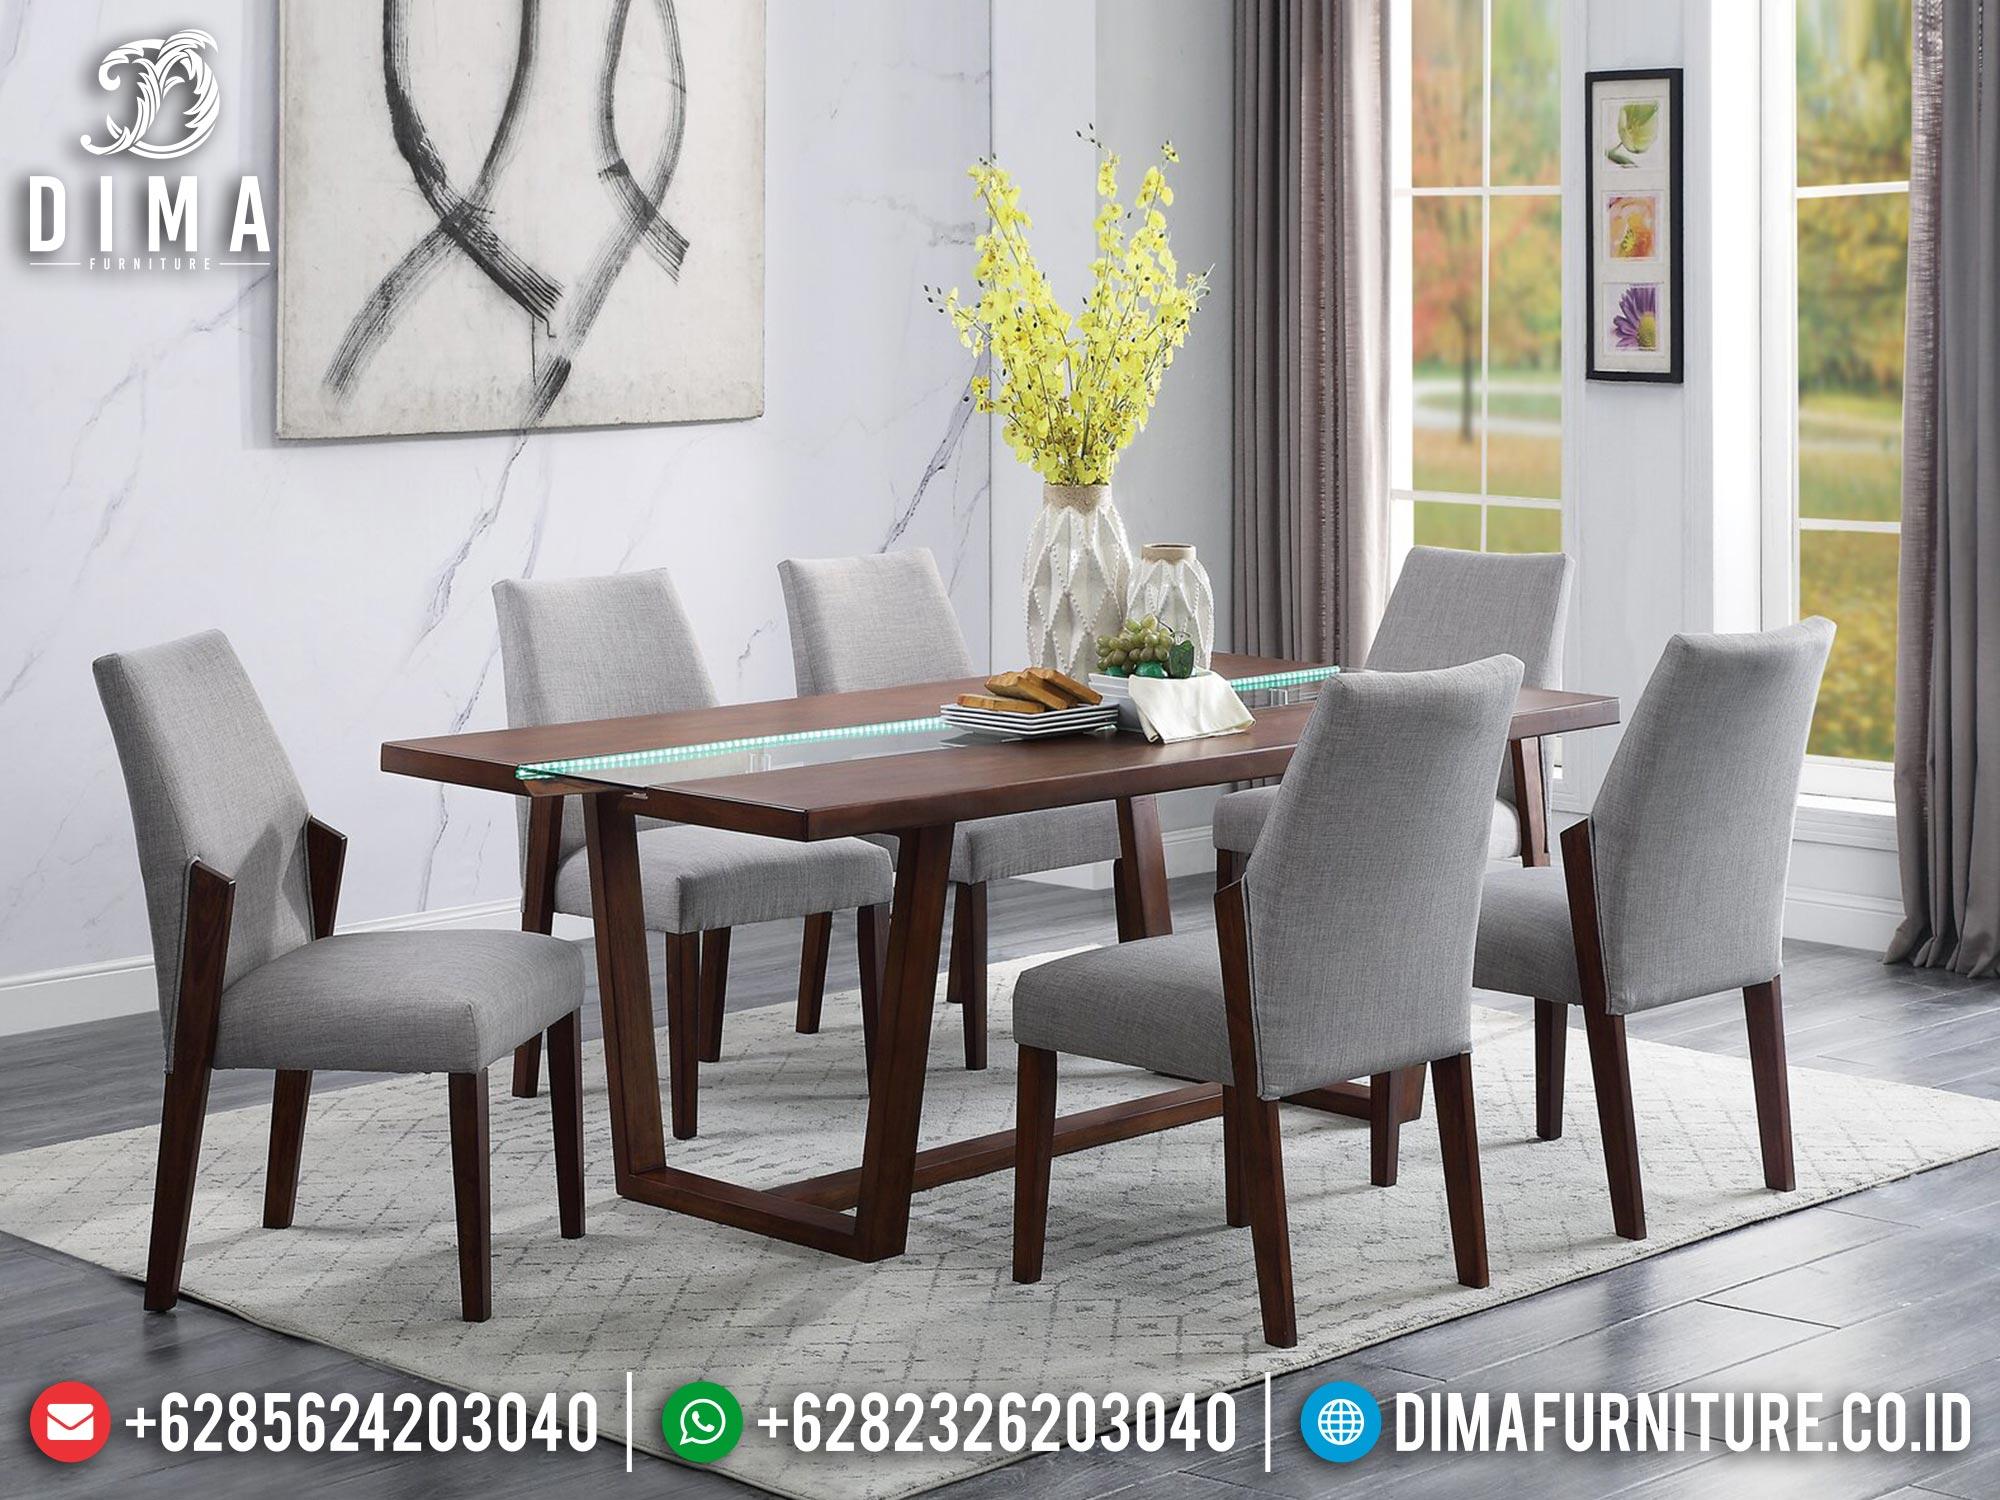 Meja Makan Minimalis 6 Kursi Natural Classic Salak Brown Color Lovely Mm-1069